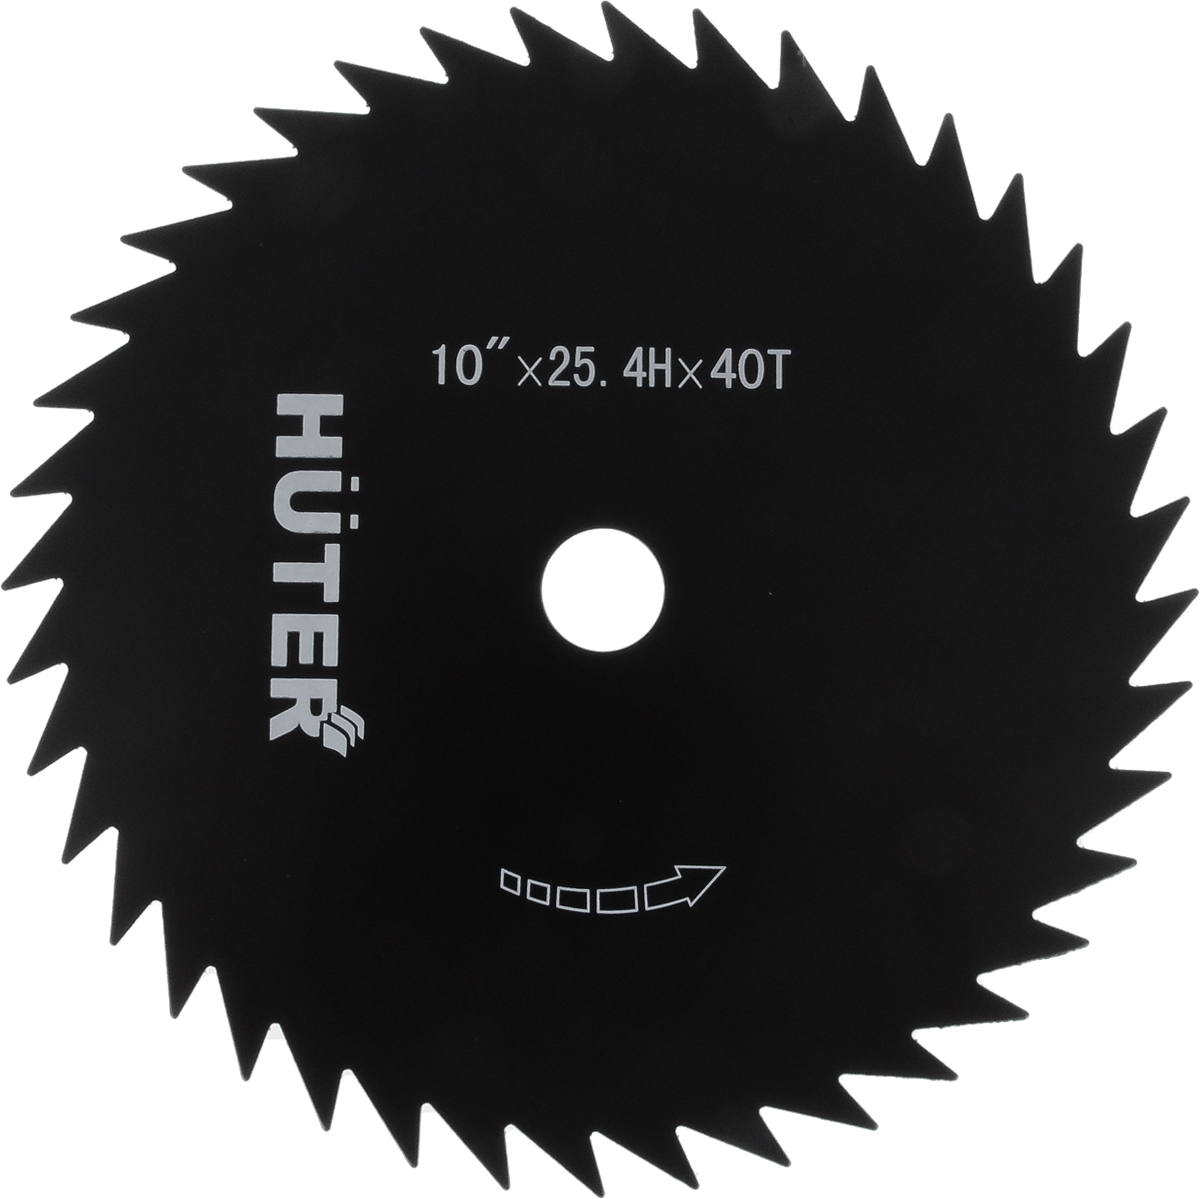 Диск-лезвие Huter GTD-40T, ширина скоса 255 мм71/2/7Диск-лезвие GTD-40T (255 мм) - режущая оснастка для триммеров Huter. Используется со следующими моделями инструмента: GGT-800S(T), GGT-1000S(T), GGT-1300S(T), GGT-1500S(T), GGT-1900S(T). Подойдет для обрезки низкорасположенных веток кустарников, а также тонких стволов деревьев. Обладает высокой износостойкостью, что гарантирует длительный срок службы при правильной эксплуатации.Количество лопастей - 40Ширина скоса - 255 мм.